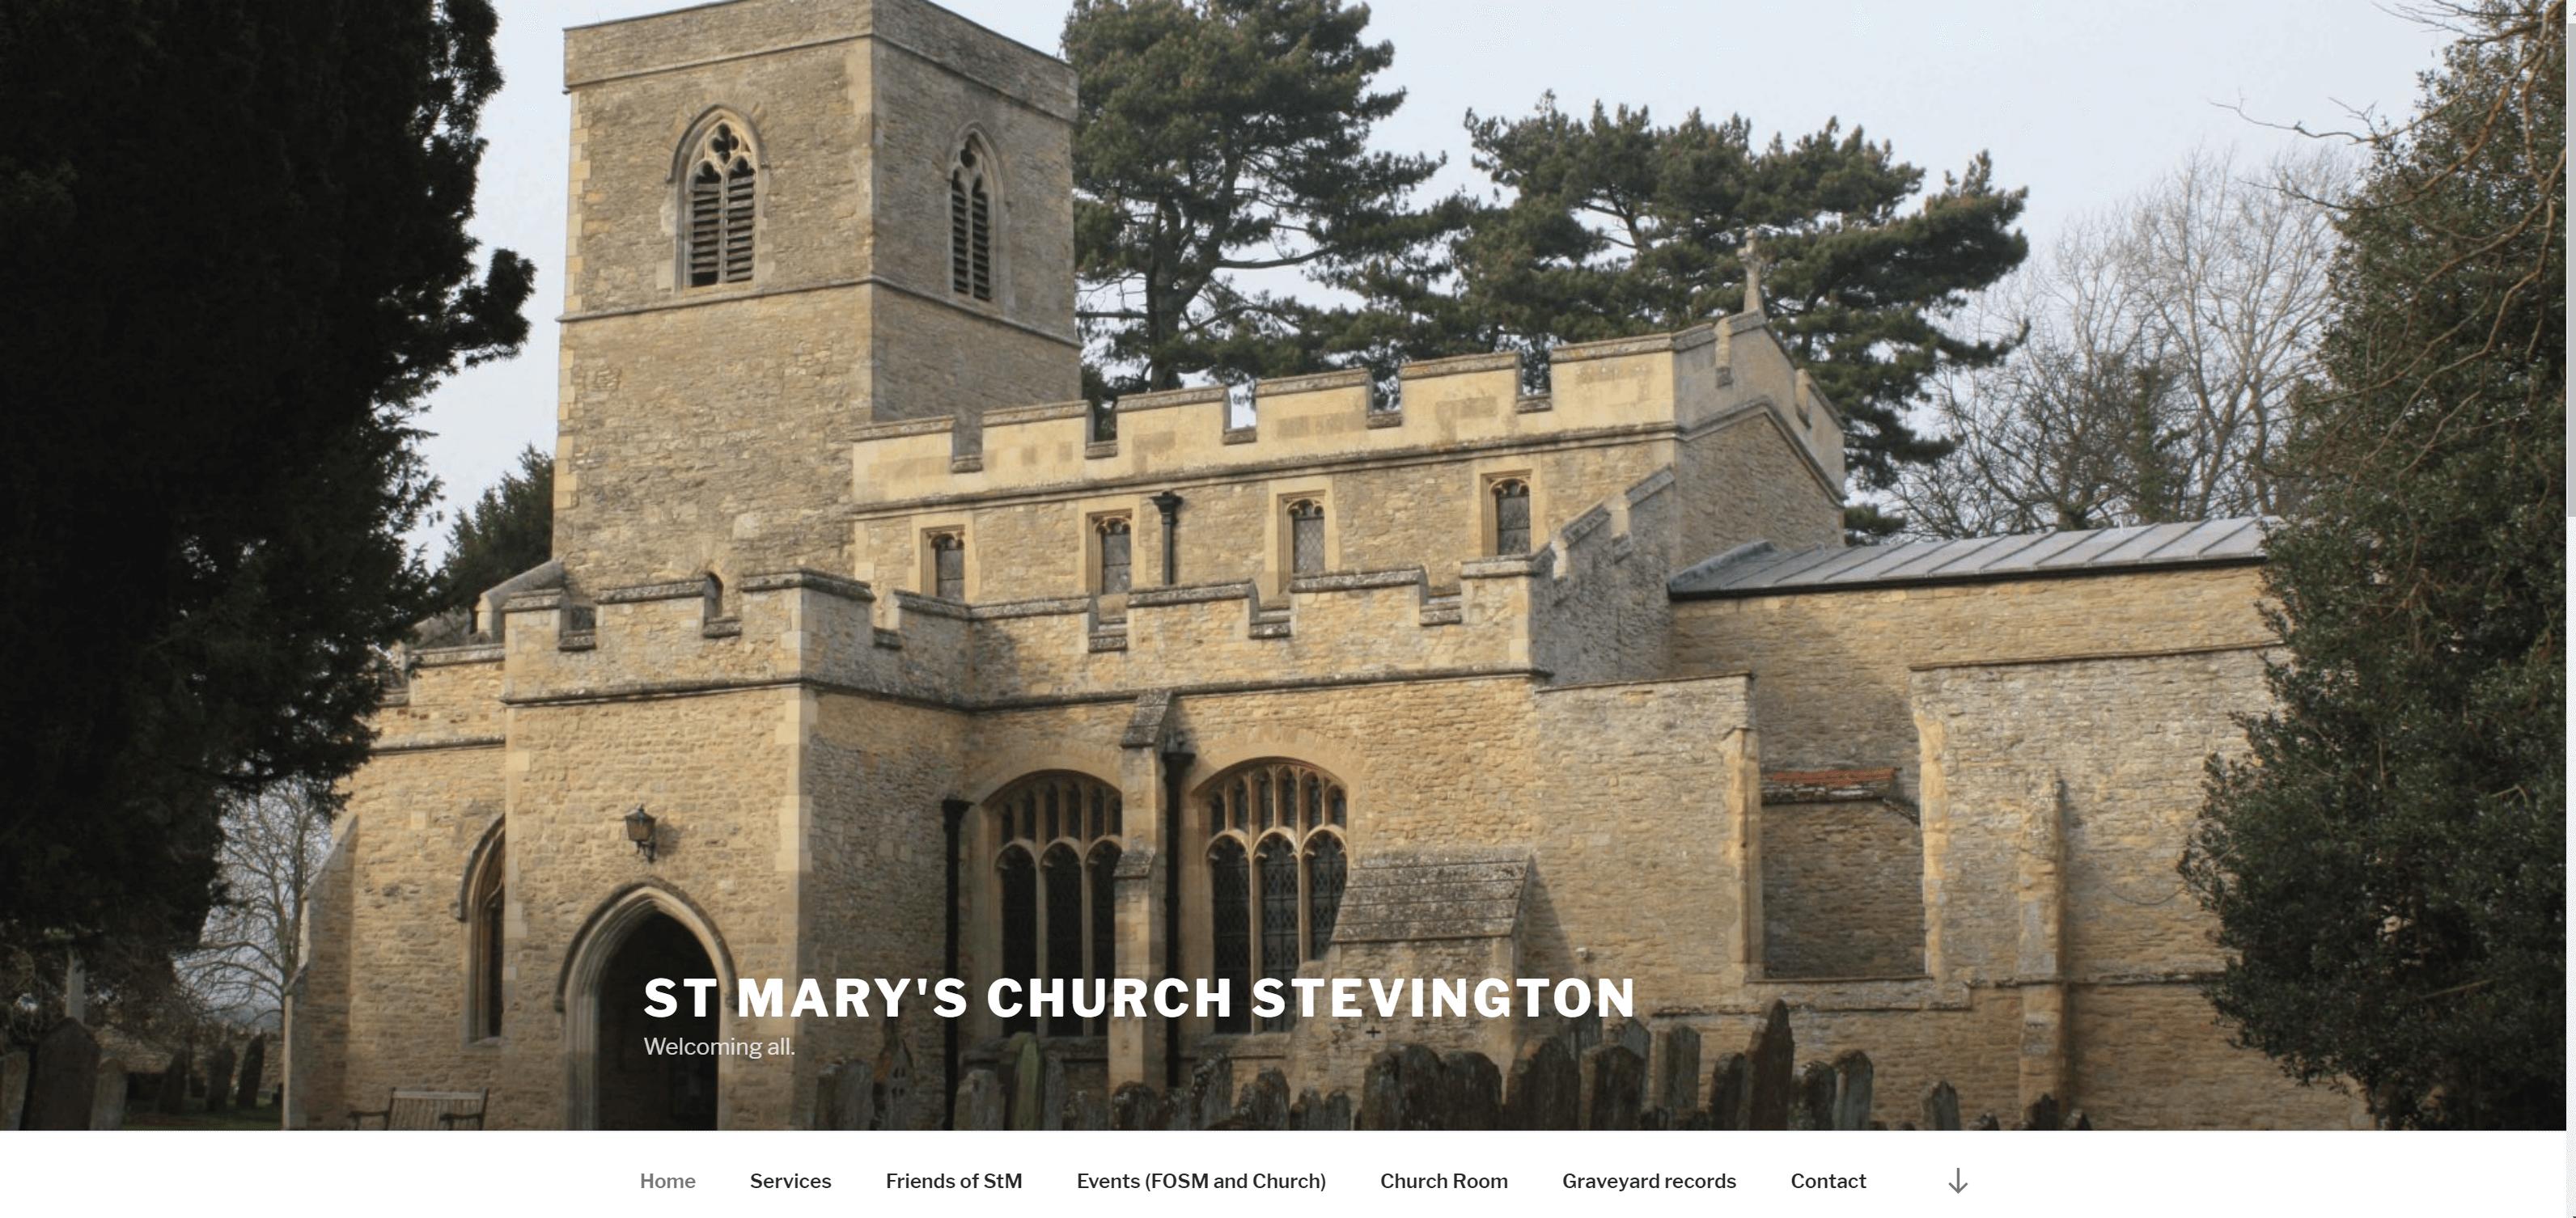 St. Mary's Church in Stevington